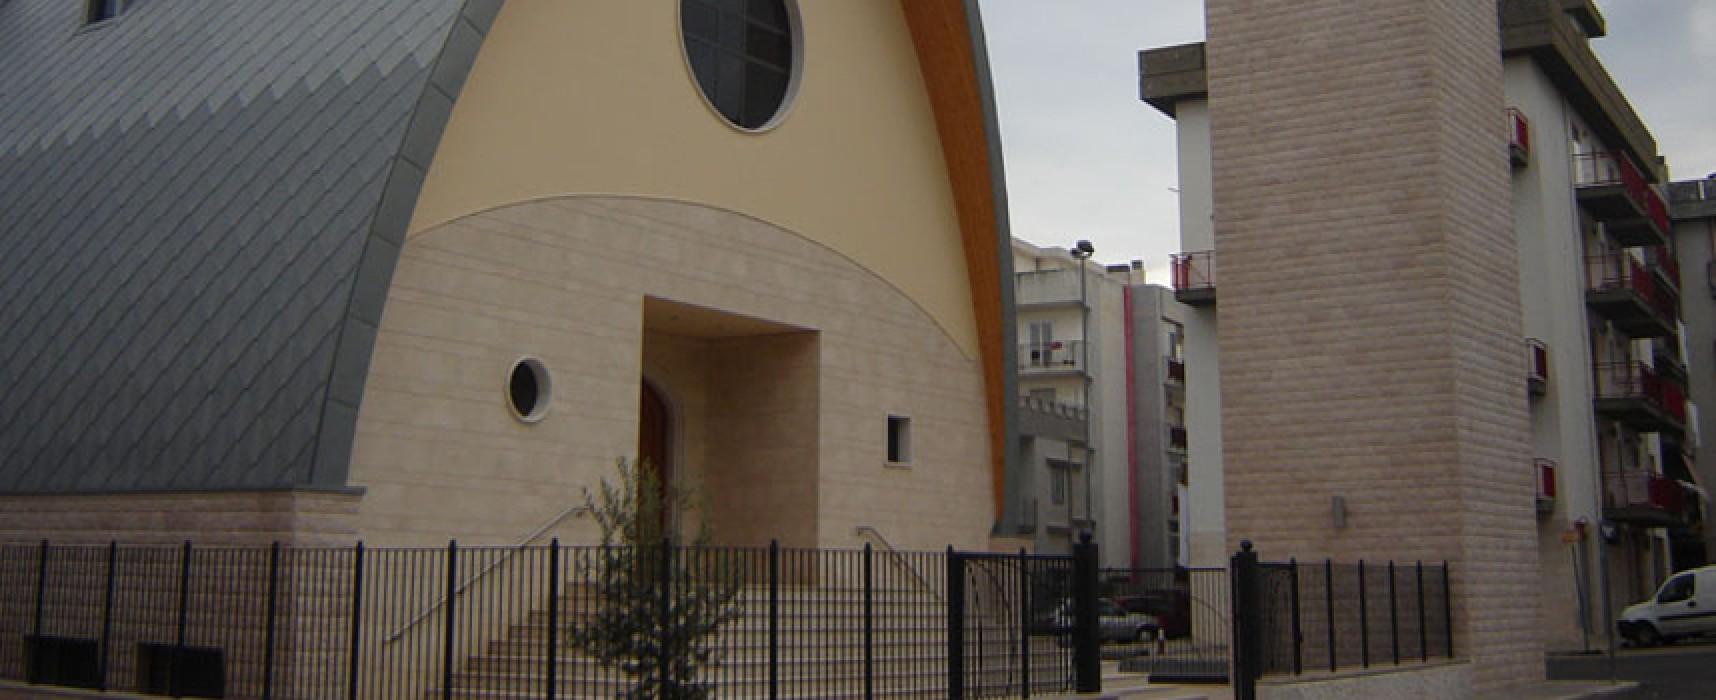 Santa Caterina, al via le celebrazioni / PROGRAMMA